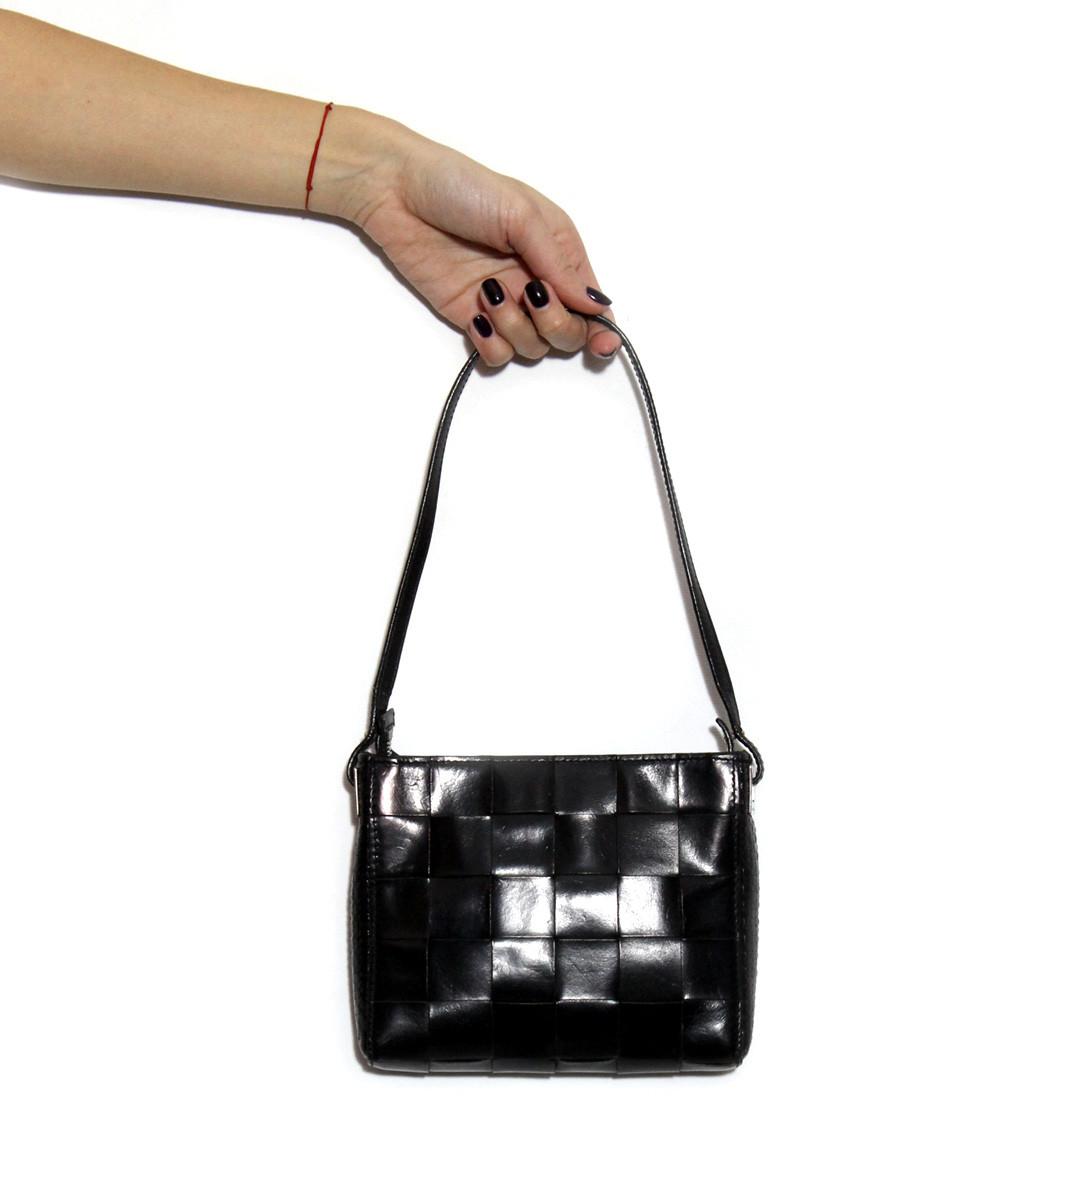 Купить сумку Stephane Kelian в комиссионном магазине Киев